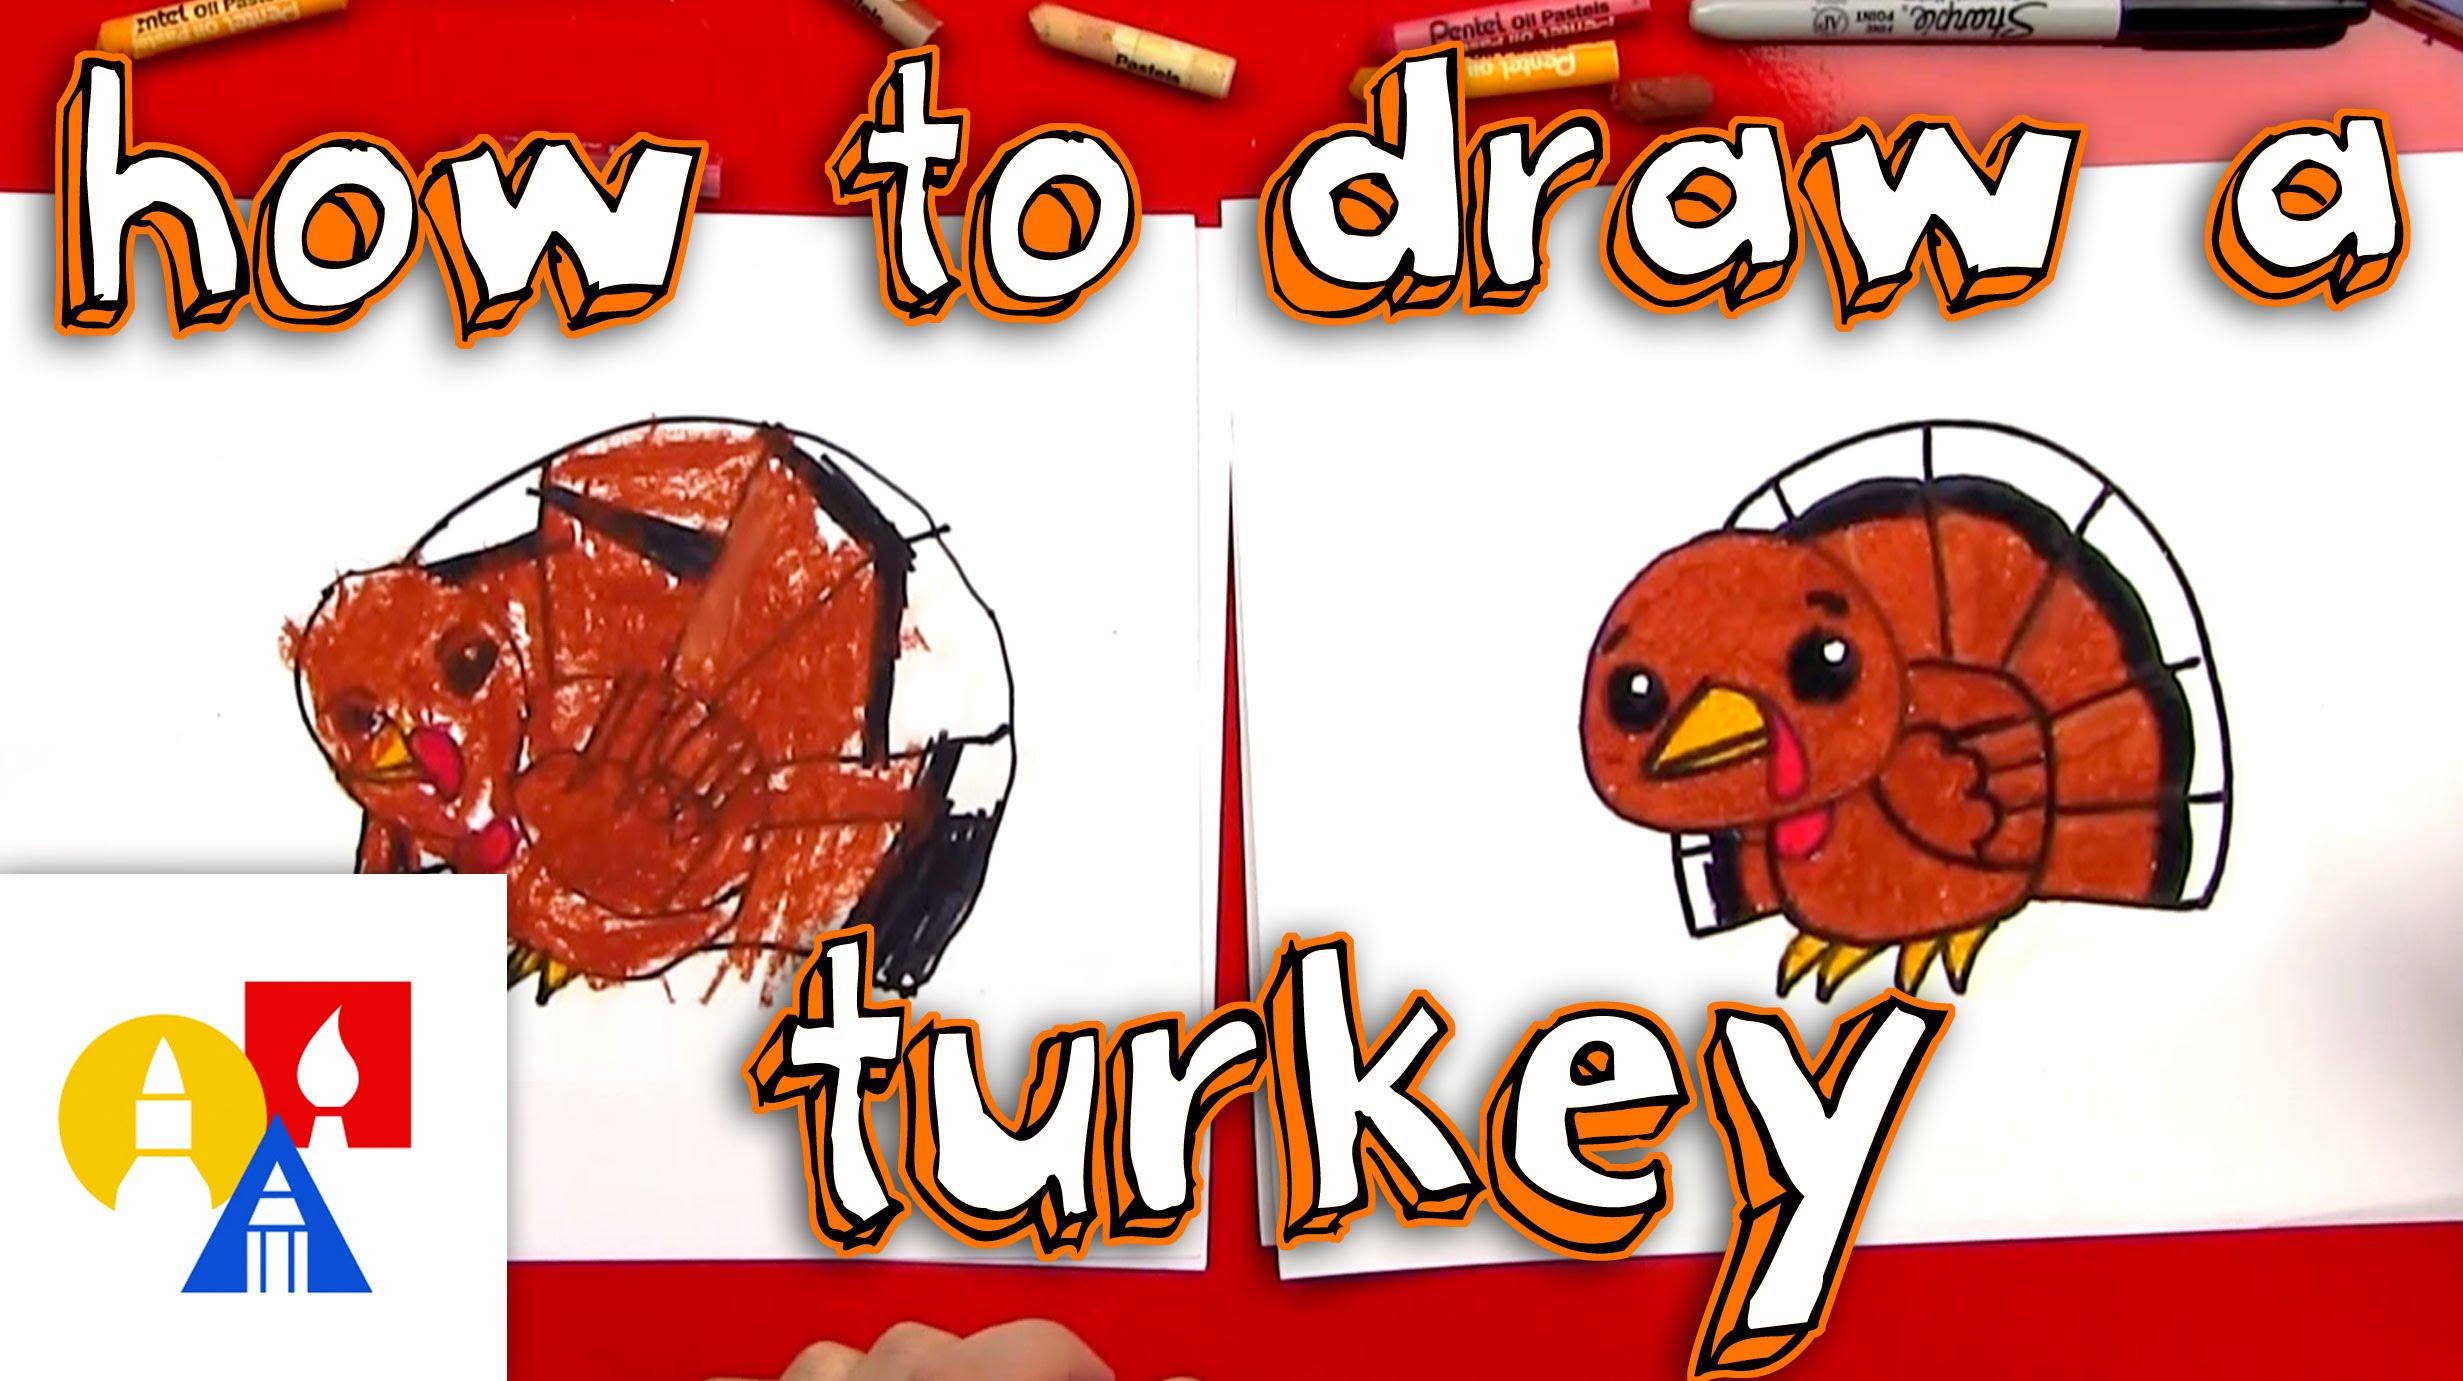 2463x1381 How To Draw A Cartoon Turkey